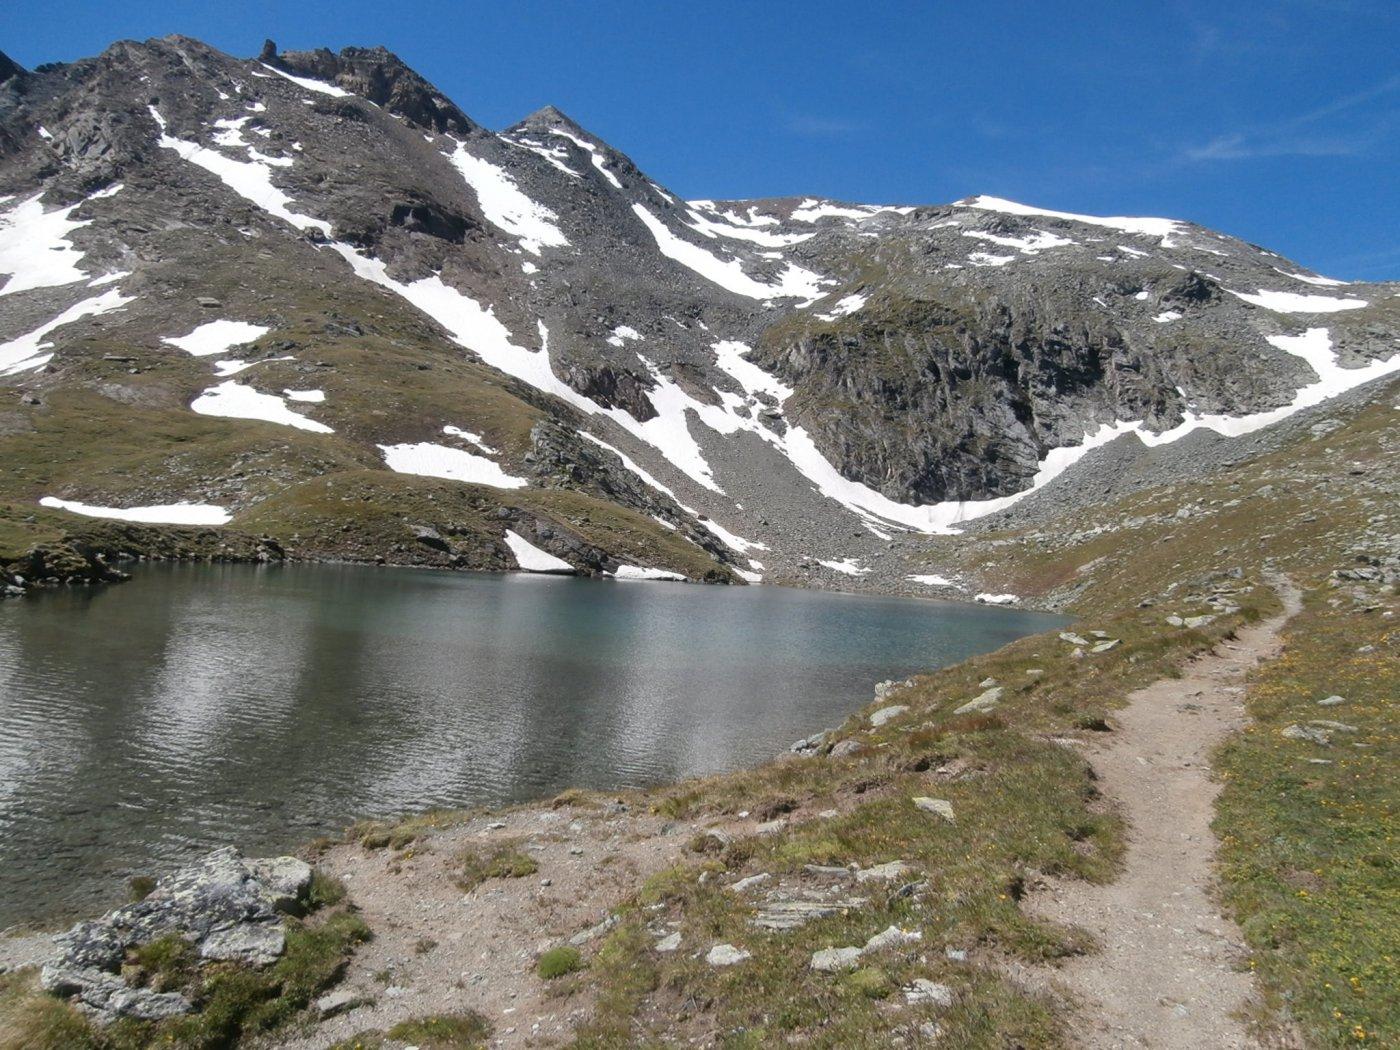 l'arrivo al lago Nero ...a destra il colle...